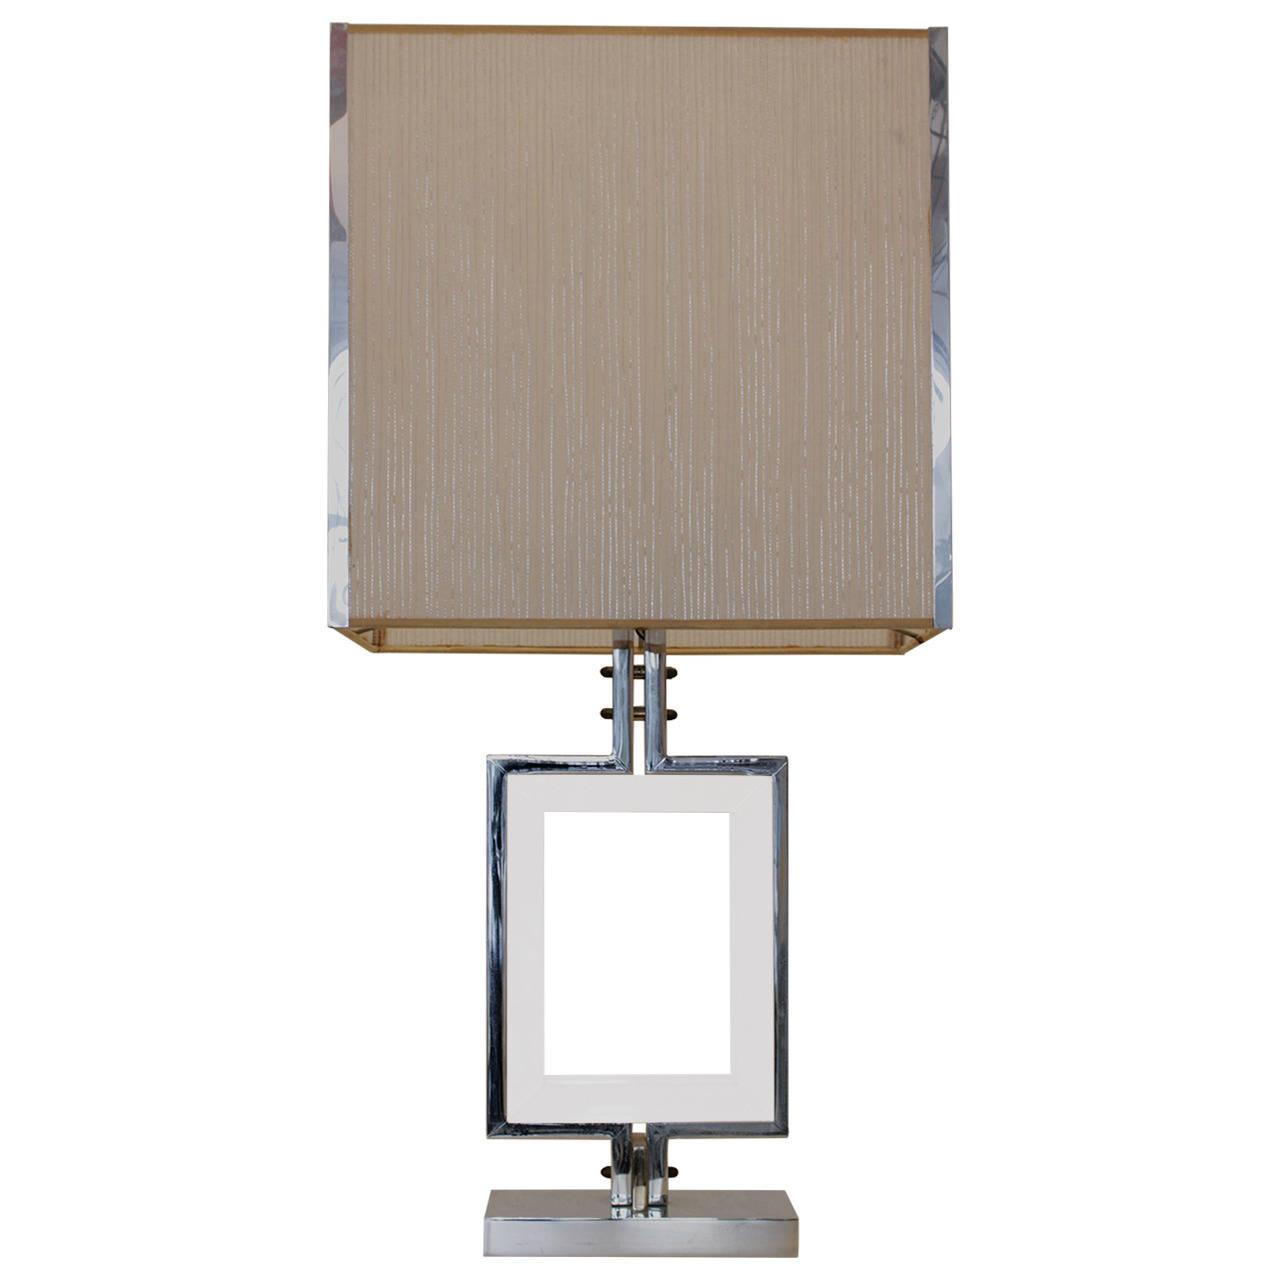 lampe de table willy rizzo attrib les illumin s design. Black Bedroom Furniture Sets. Home Design Ideas